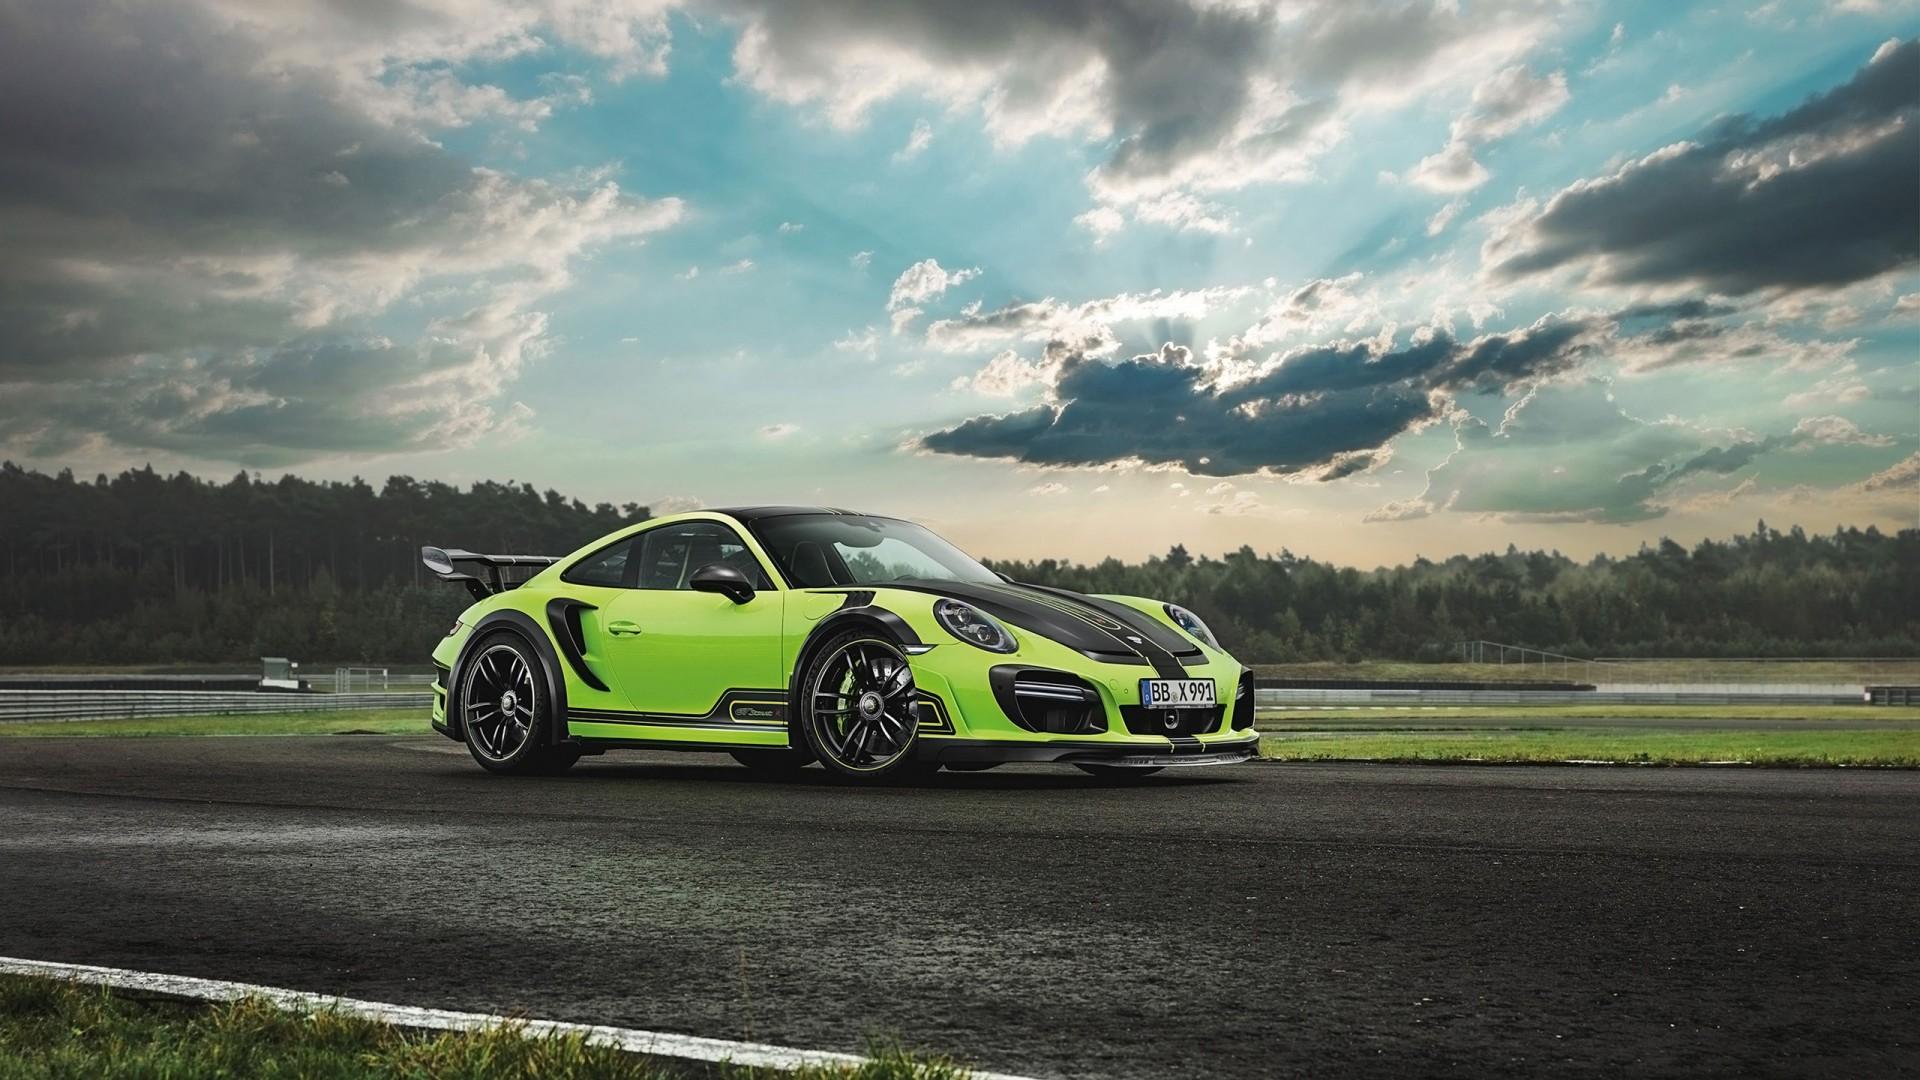 2016 TechArt Porsche 911 Turbo GTstreet R 3 Wallpaper | HD ...